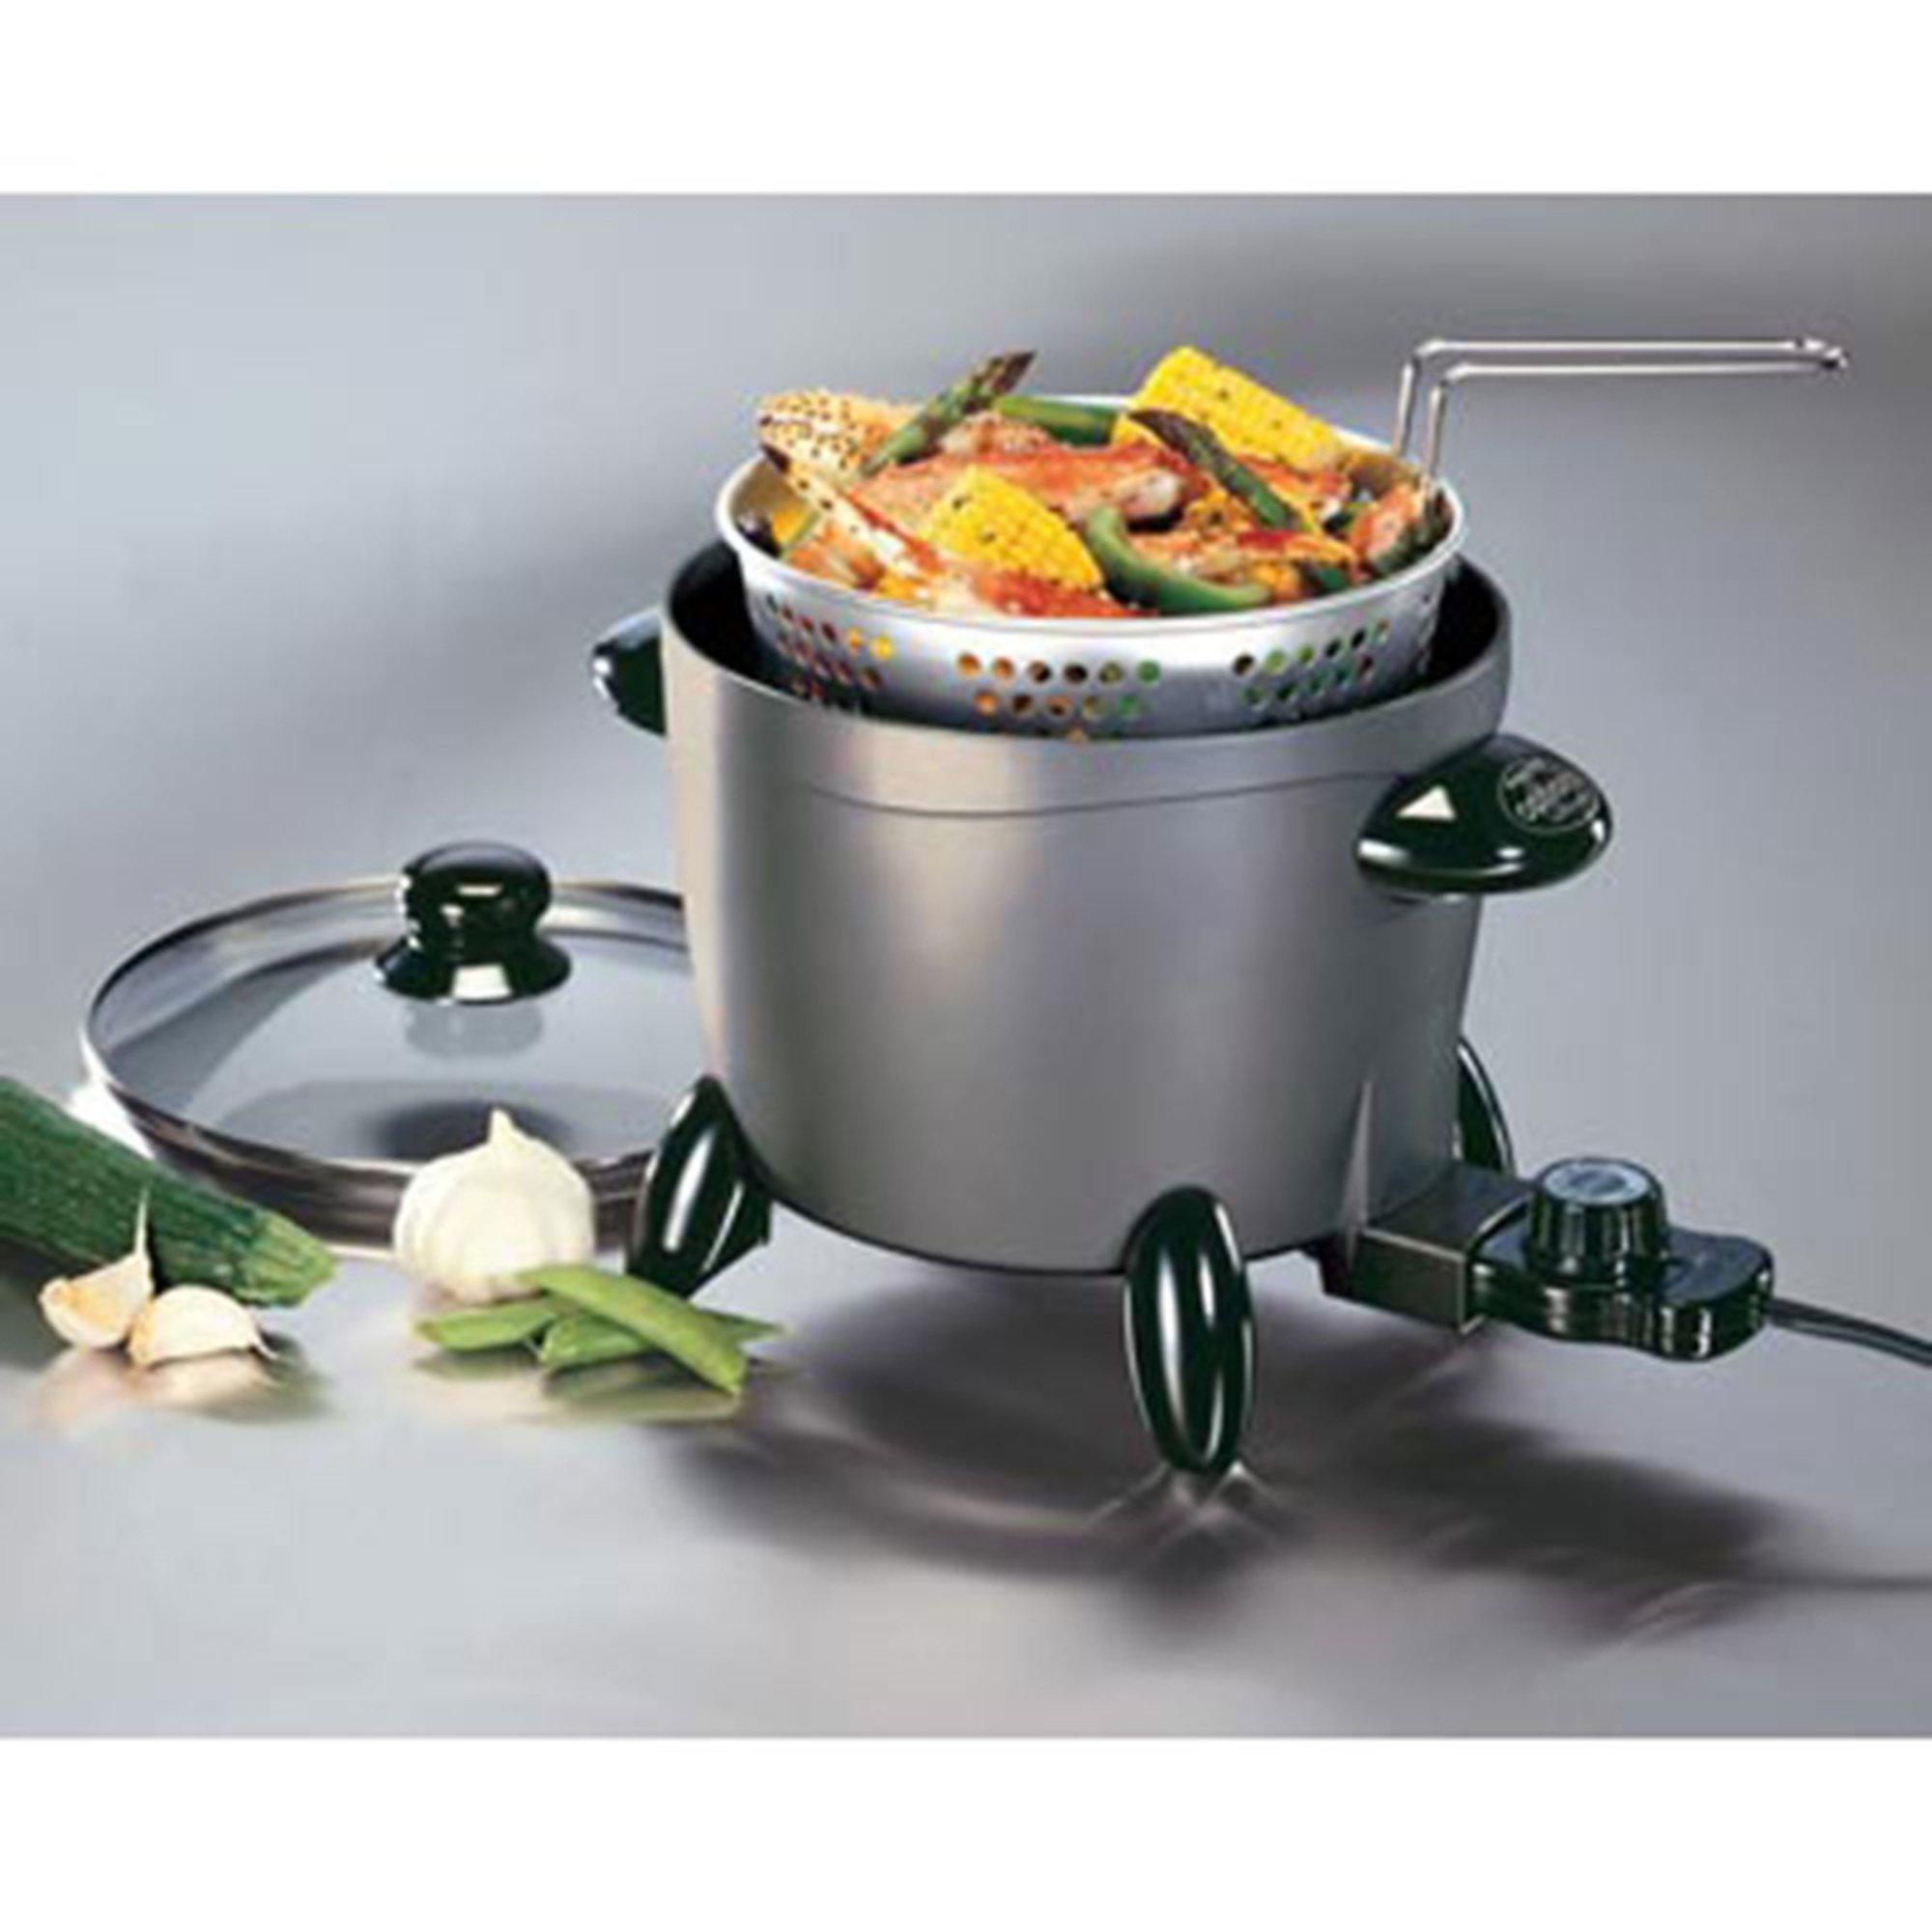 Presto options multi cooker steamer 06003 fryers for for Multi cooker